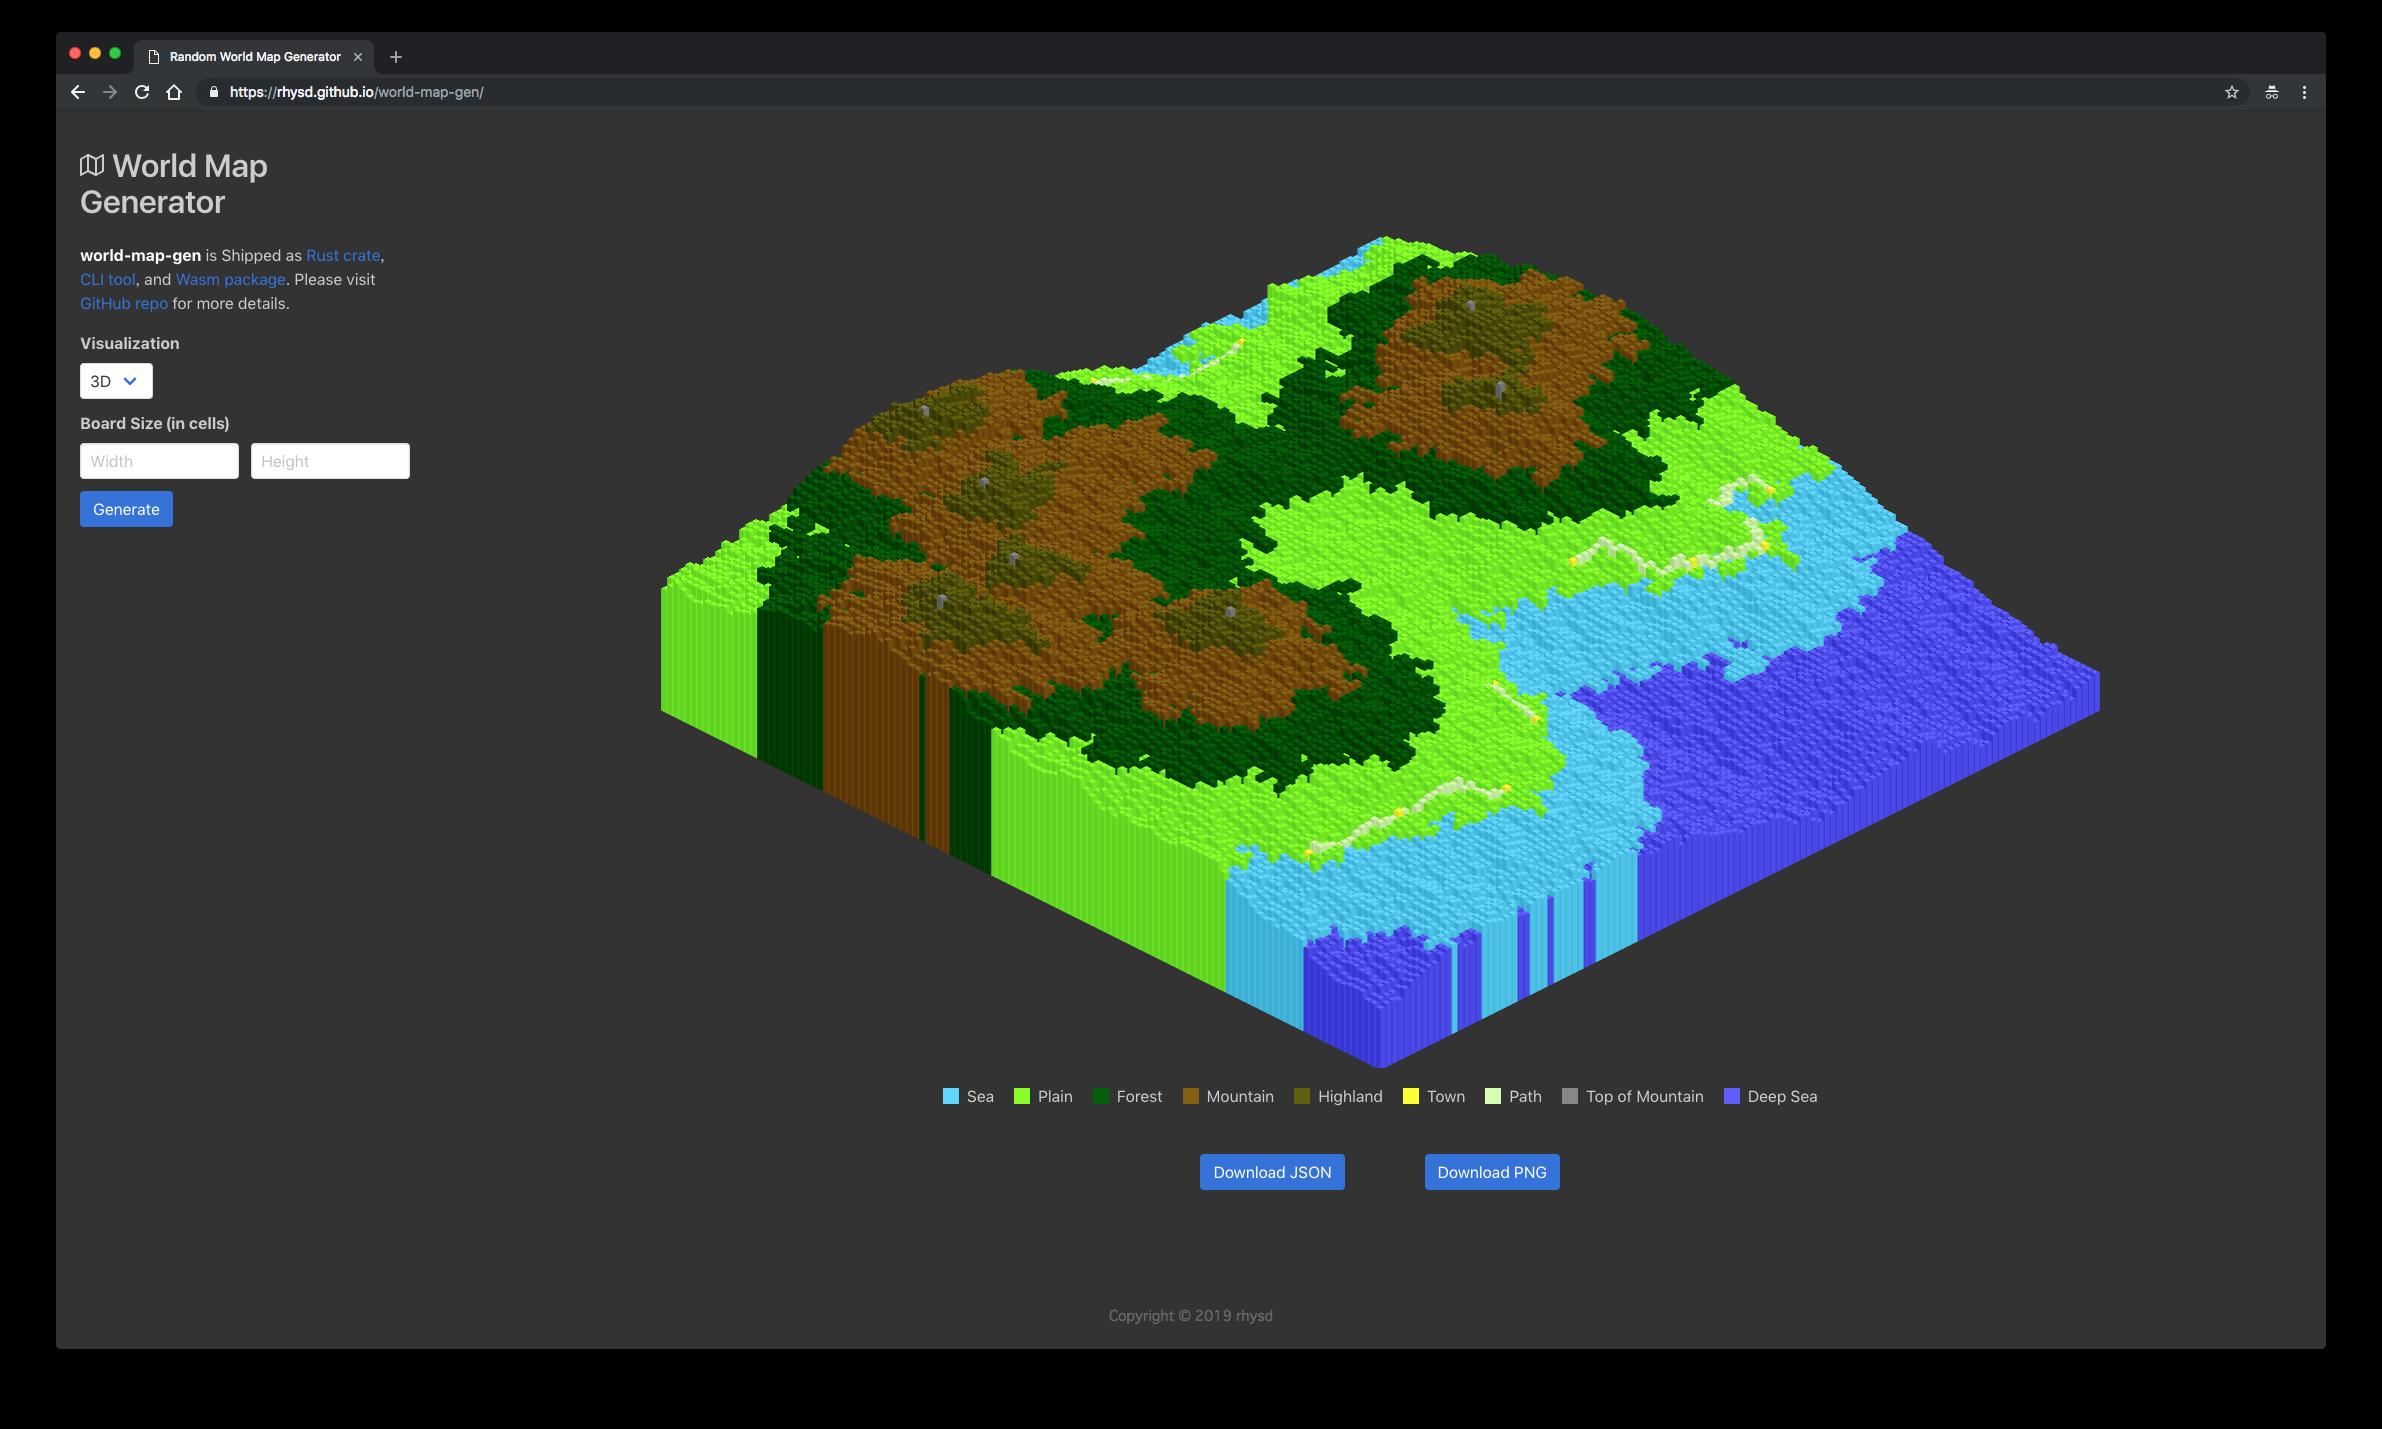 screenshot of 3D map